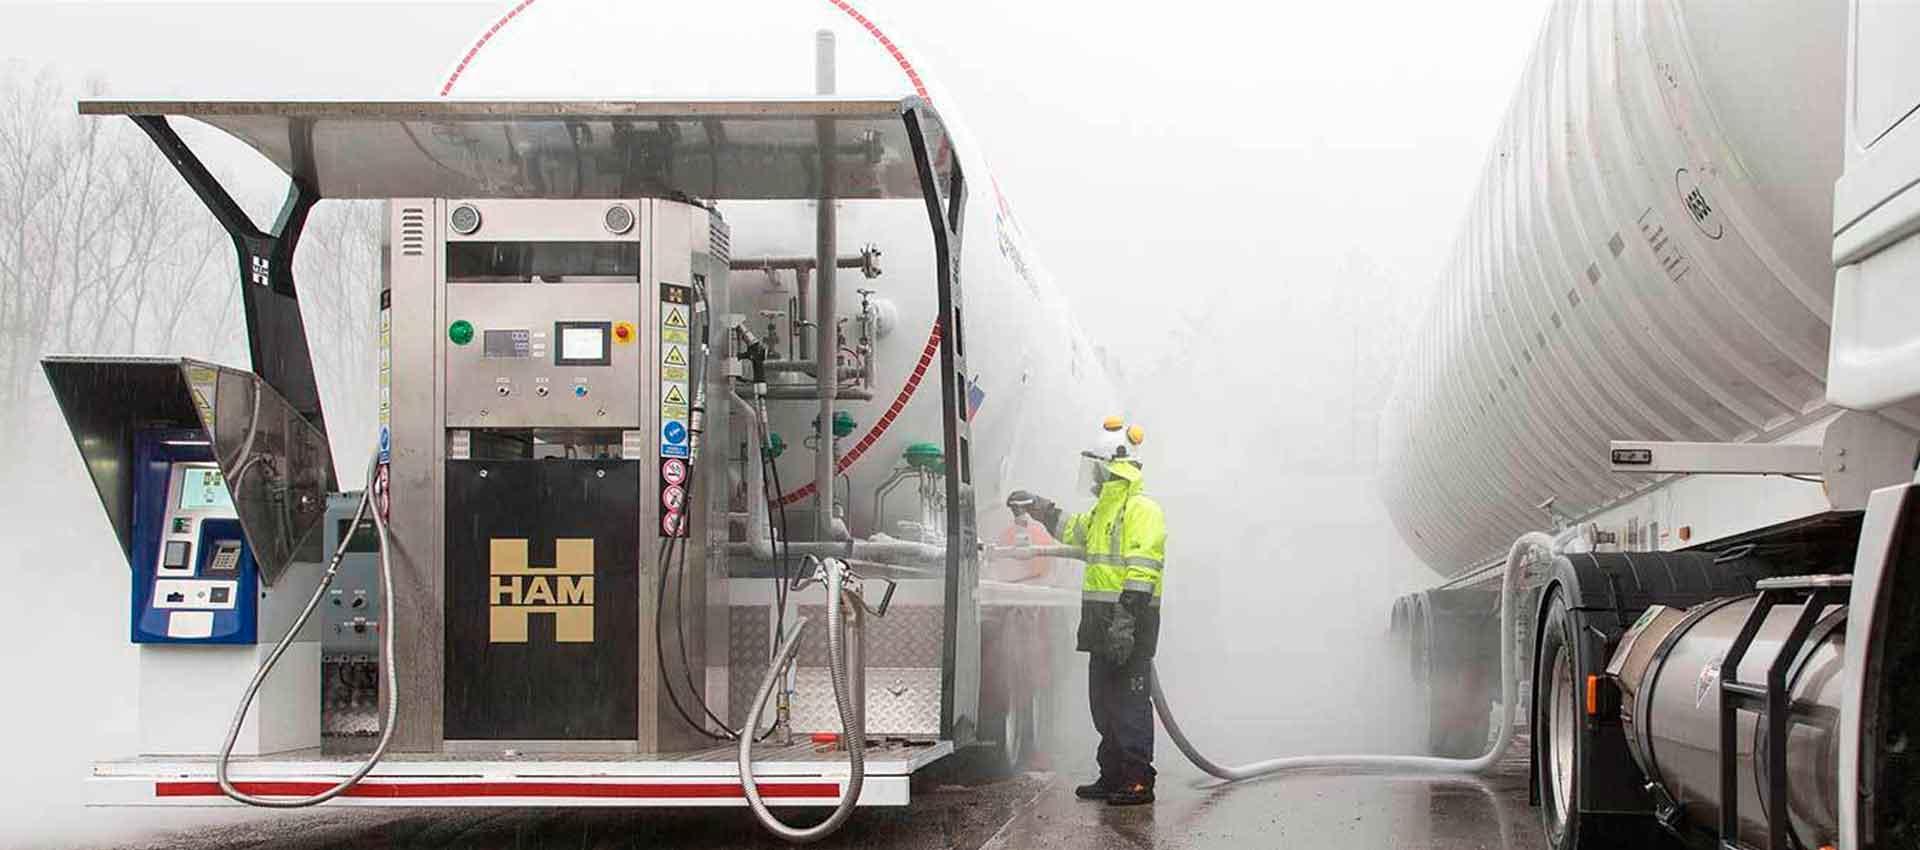 Grupo HAM ha unità mobili che consentono il rifornimento di gas naturale liquefatto (GNL) e gas naturale compresso (GNC), dove non esistono stazioni di servizio